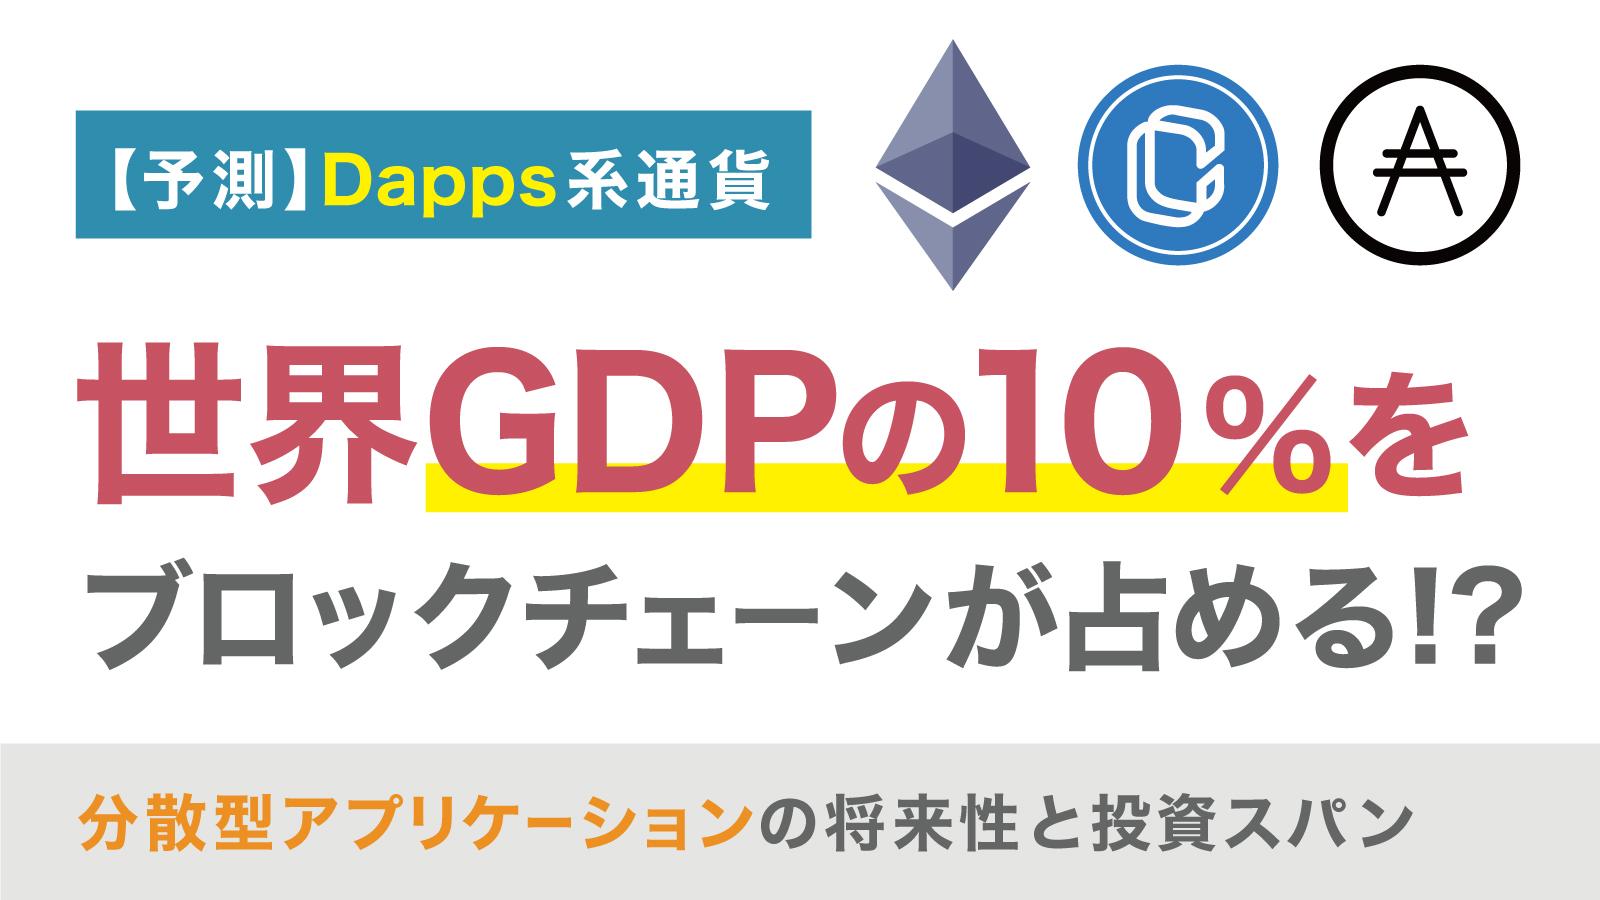 Dapps系通貨の将来性は?